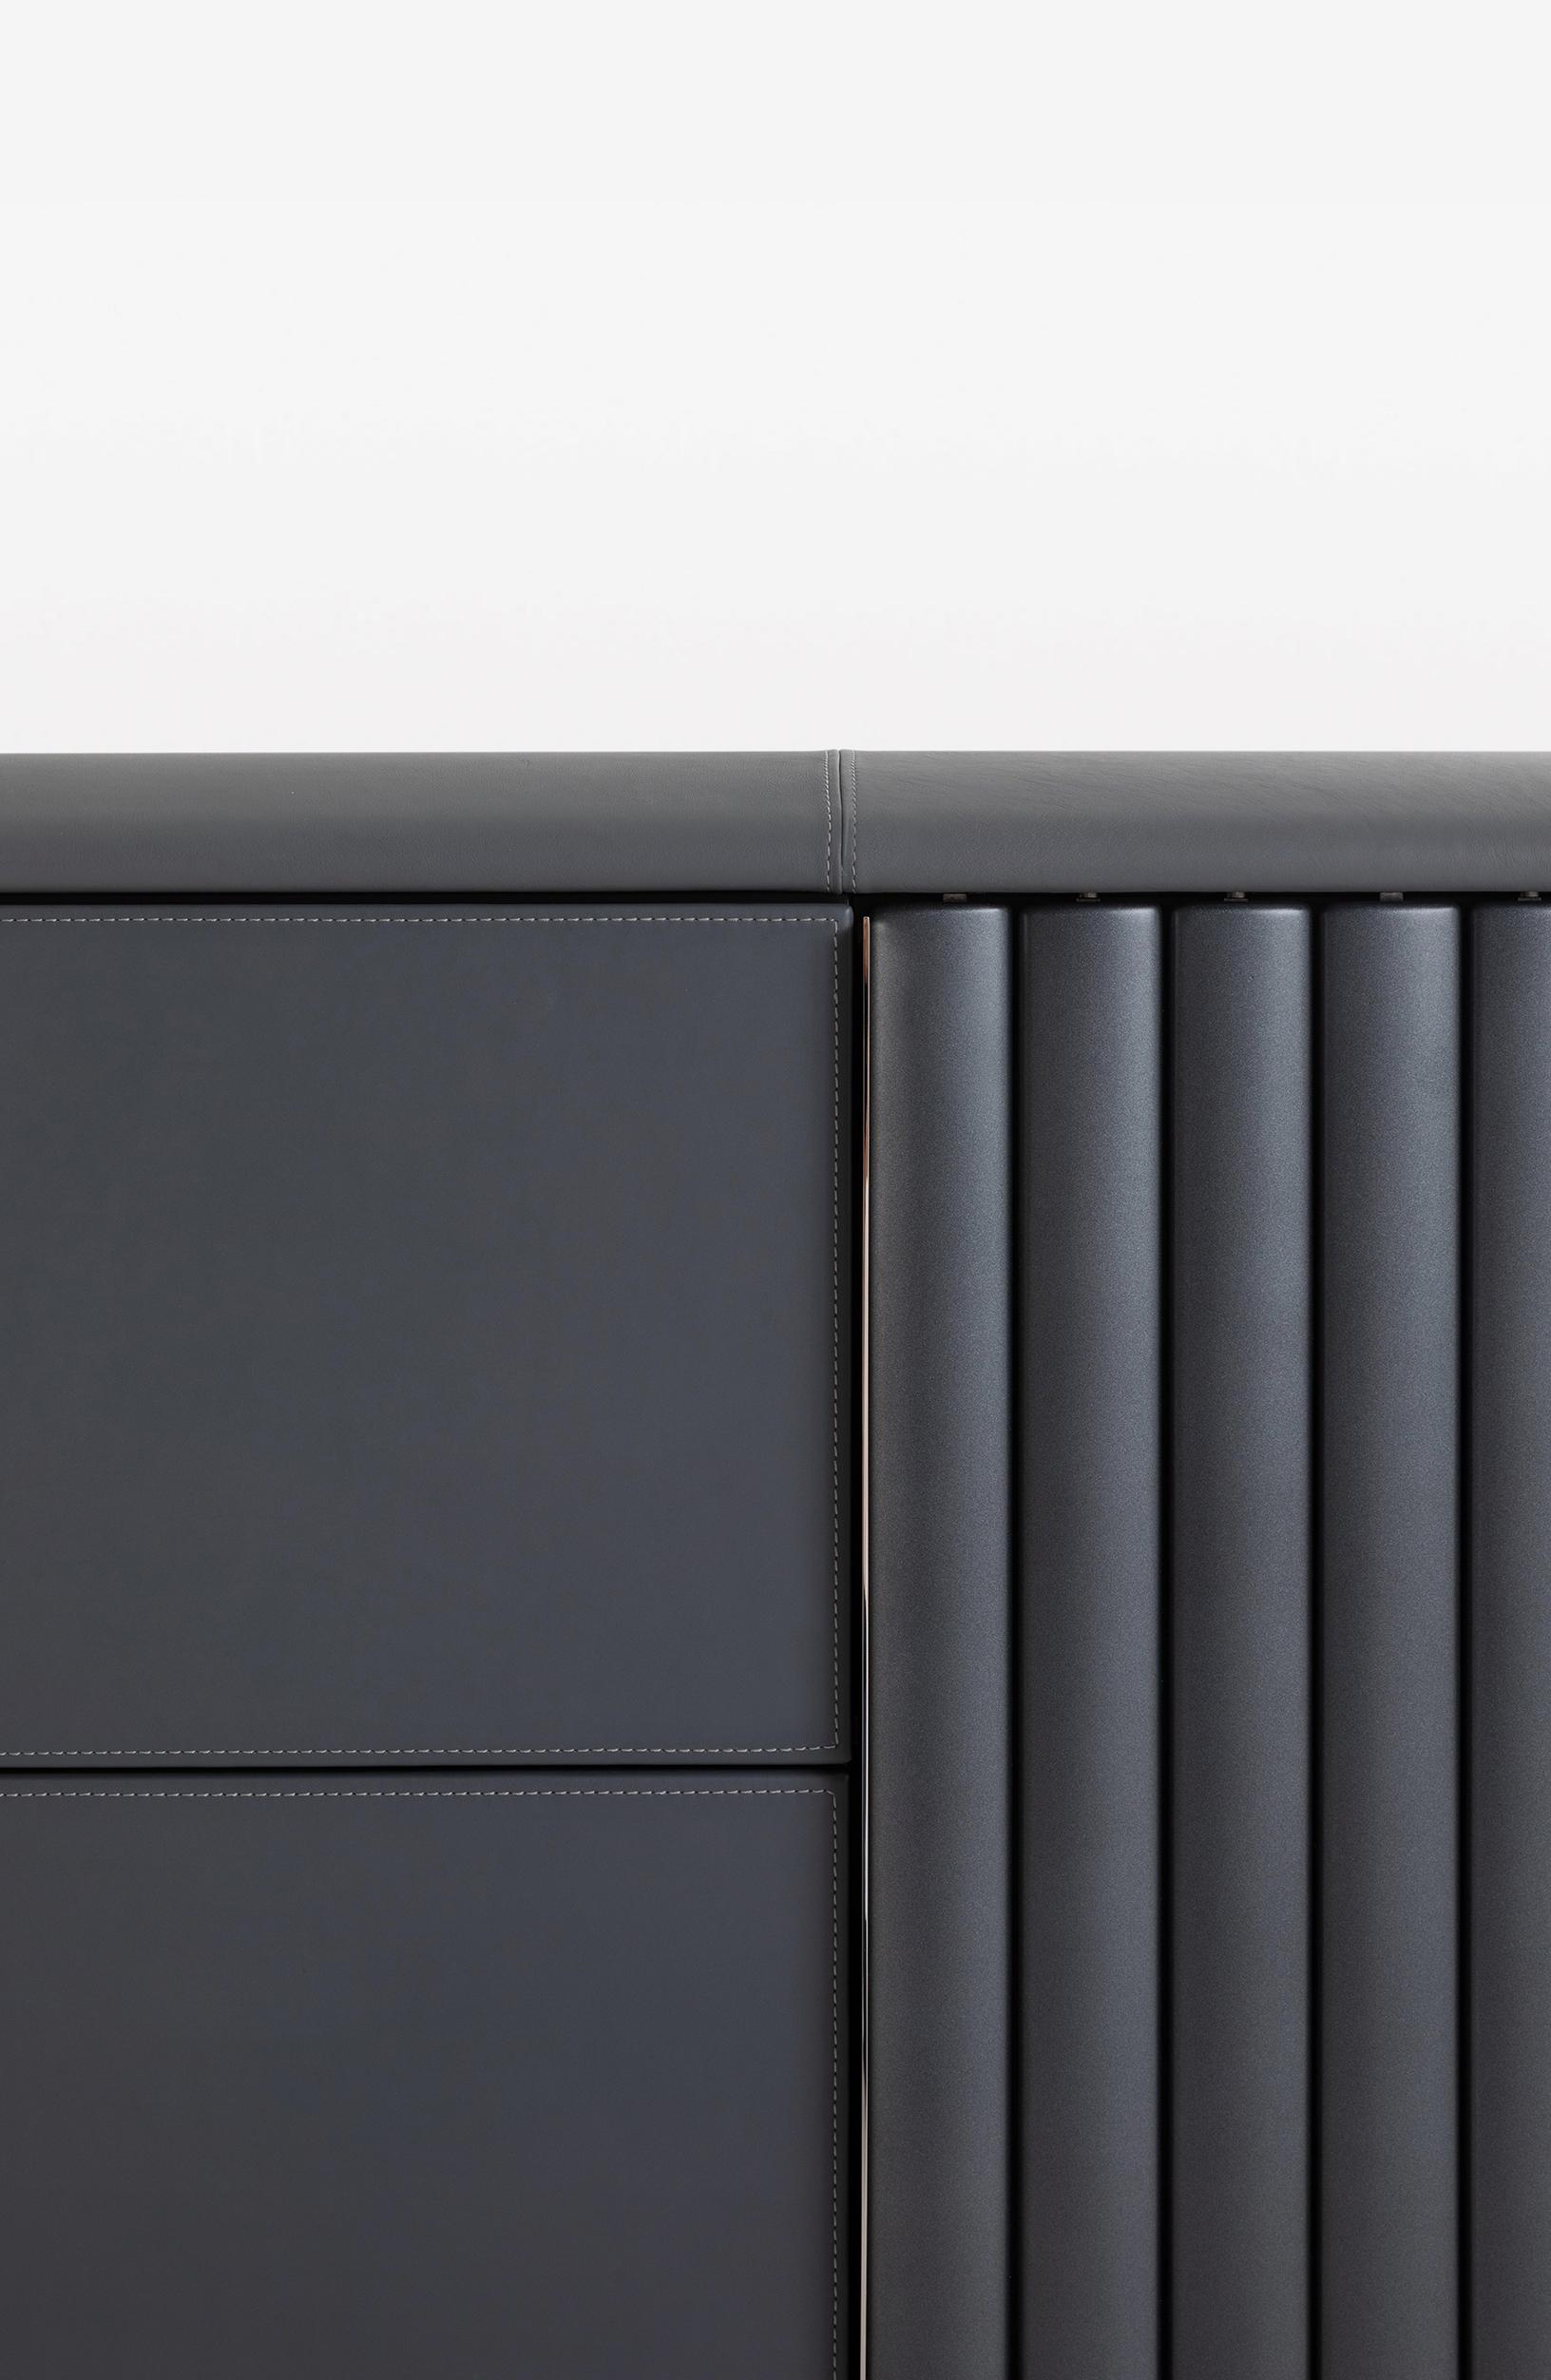 bugatti-veyron-sideboard 03